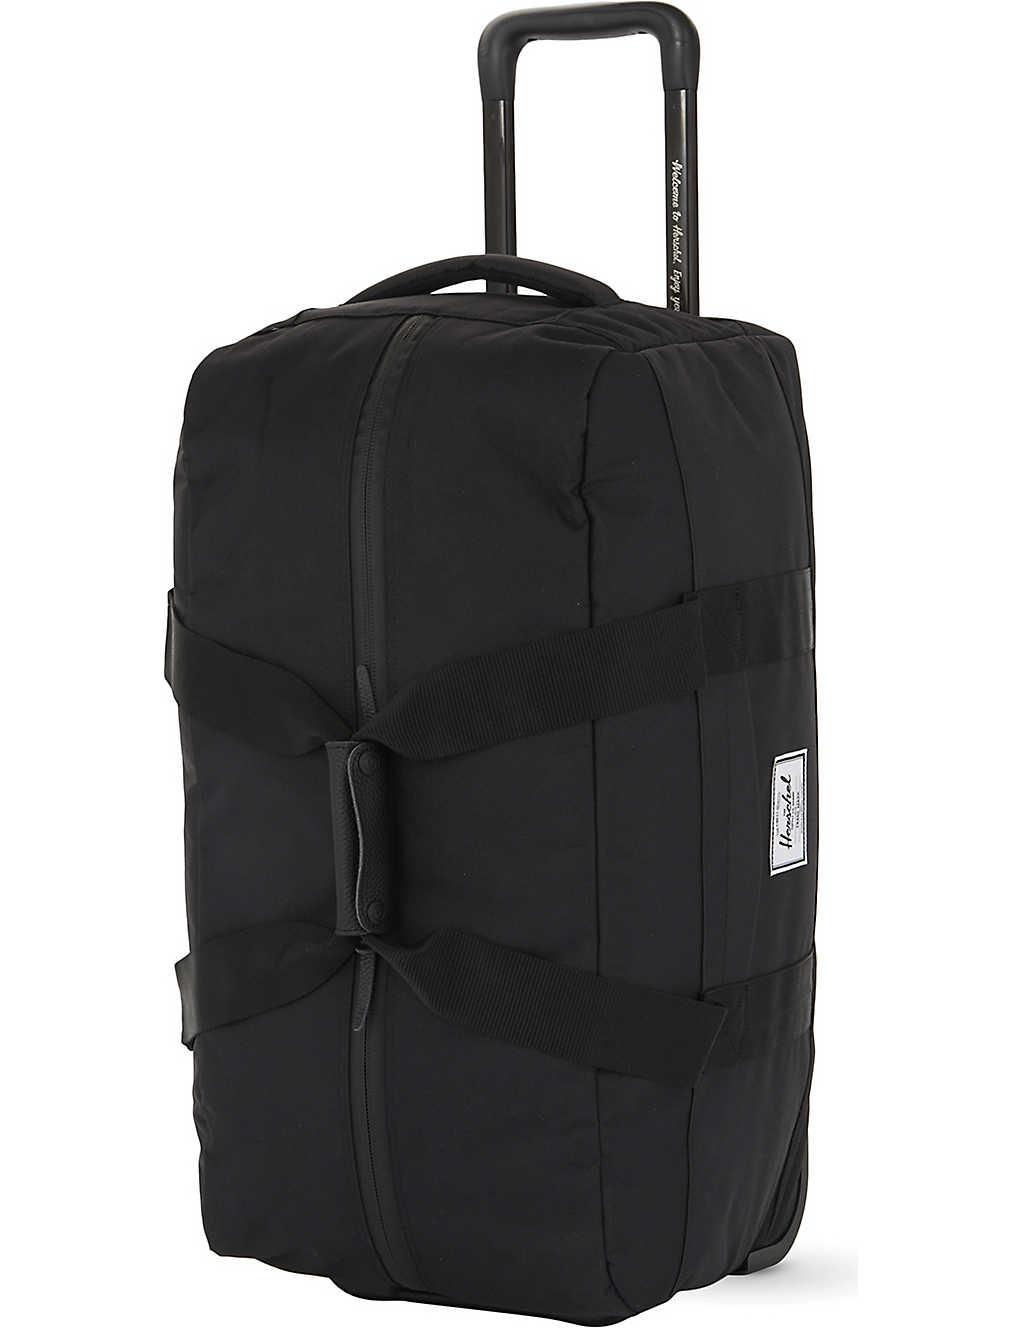 40e457eb4d HERSCHEL SUPPLY CO - Wheelie Outfitter travel duffle bag ...